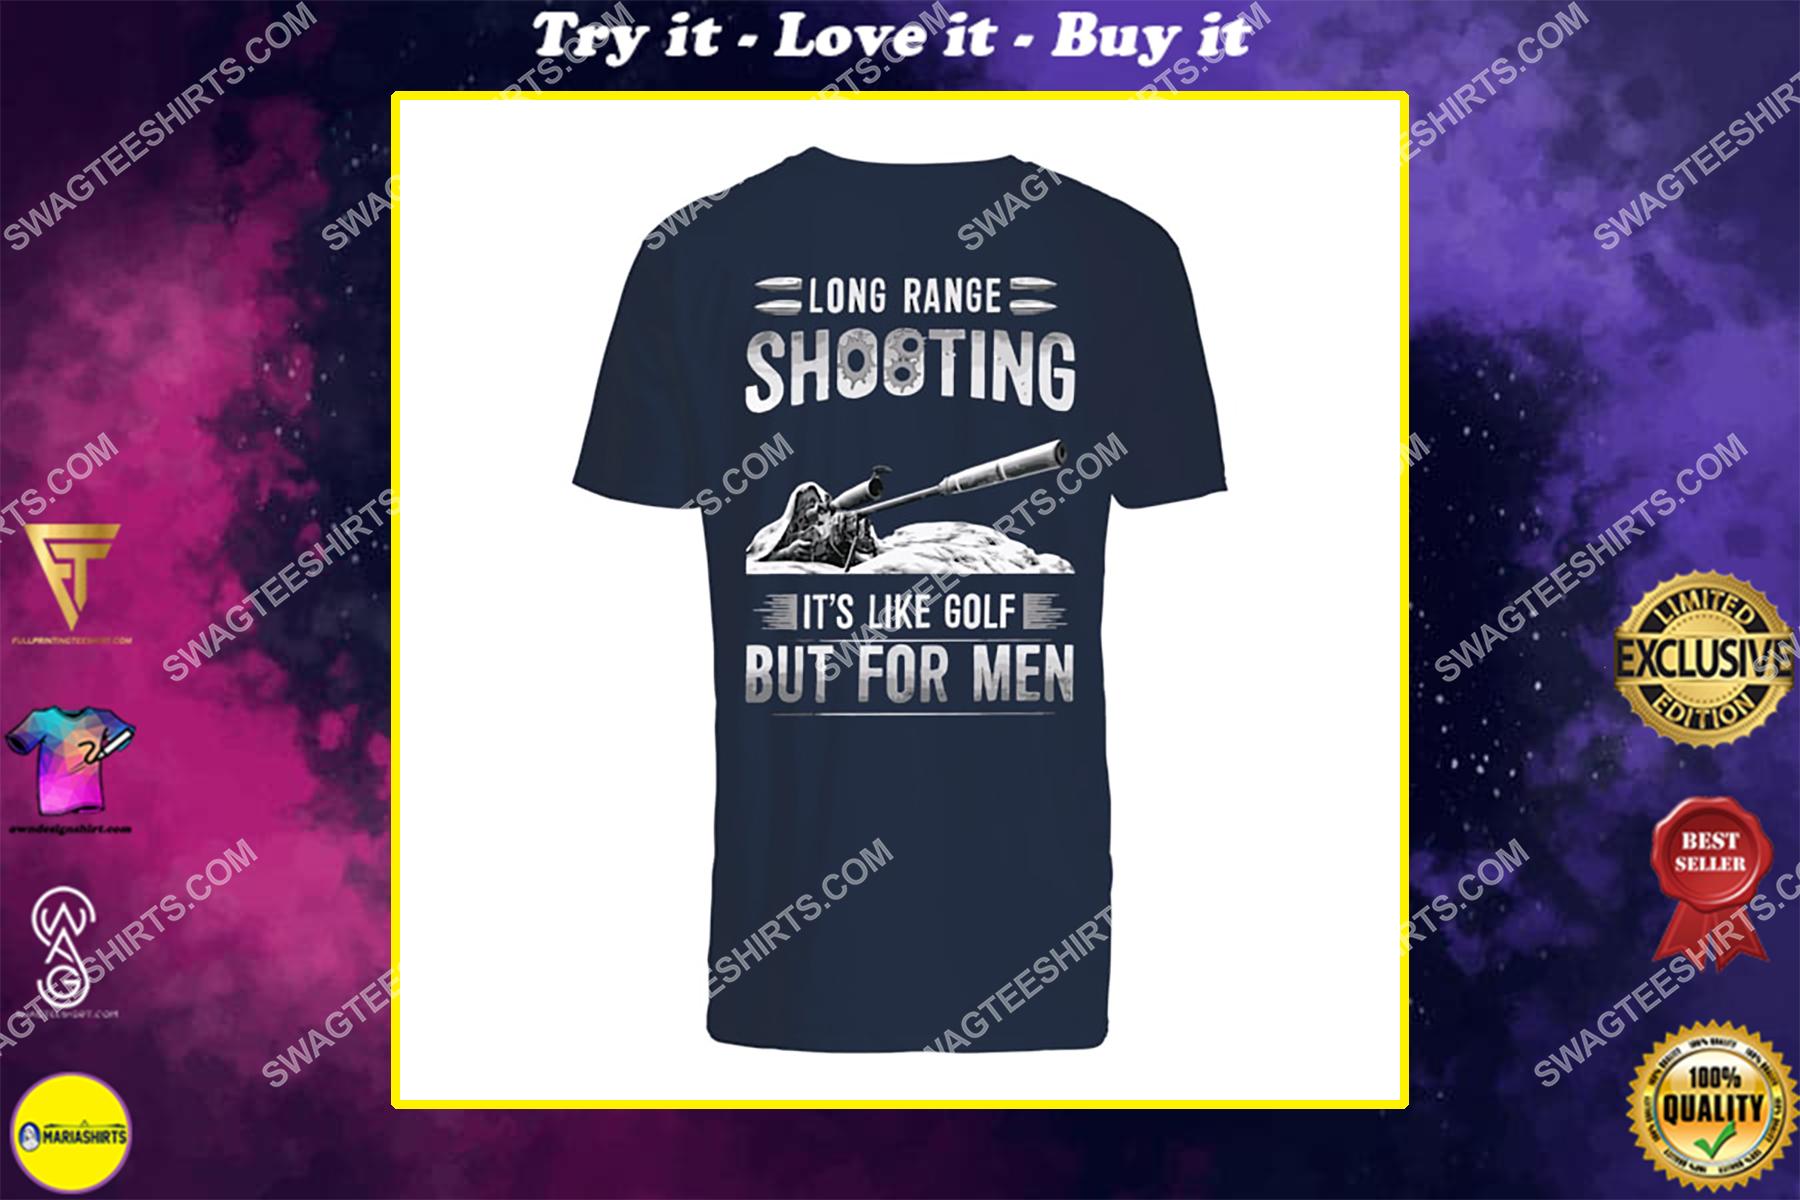 memorial day long range shooting it's like golf but for men shirt